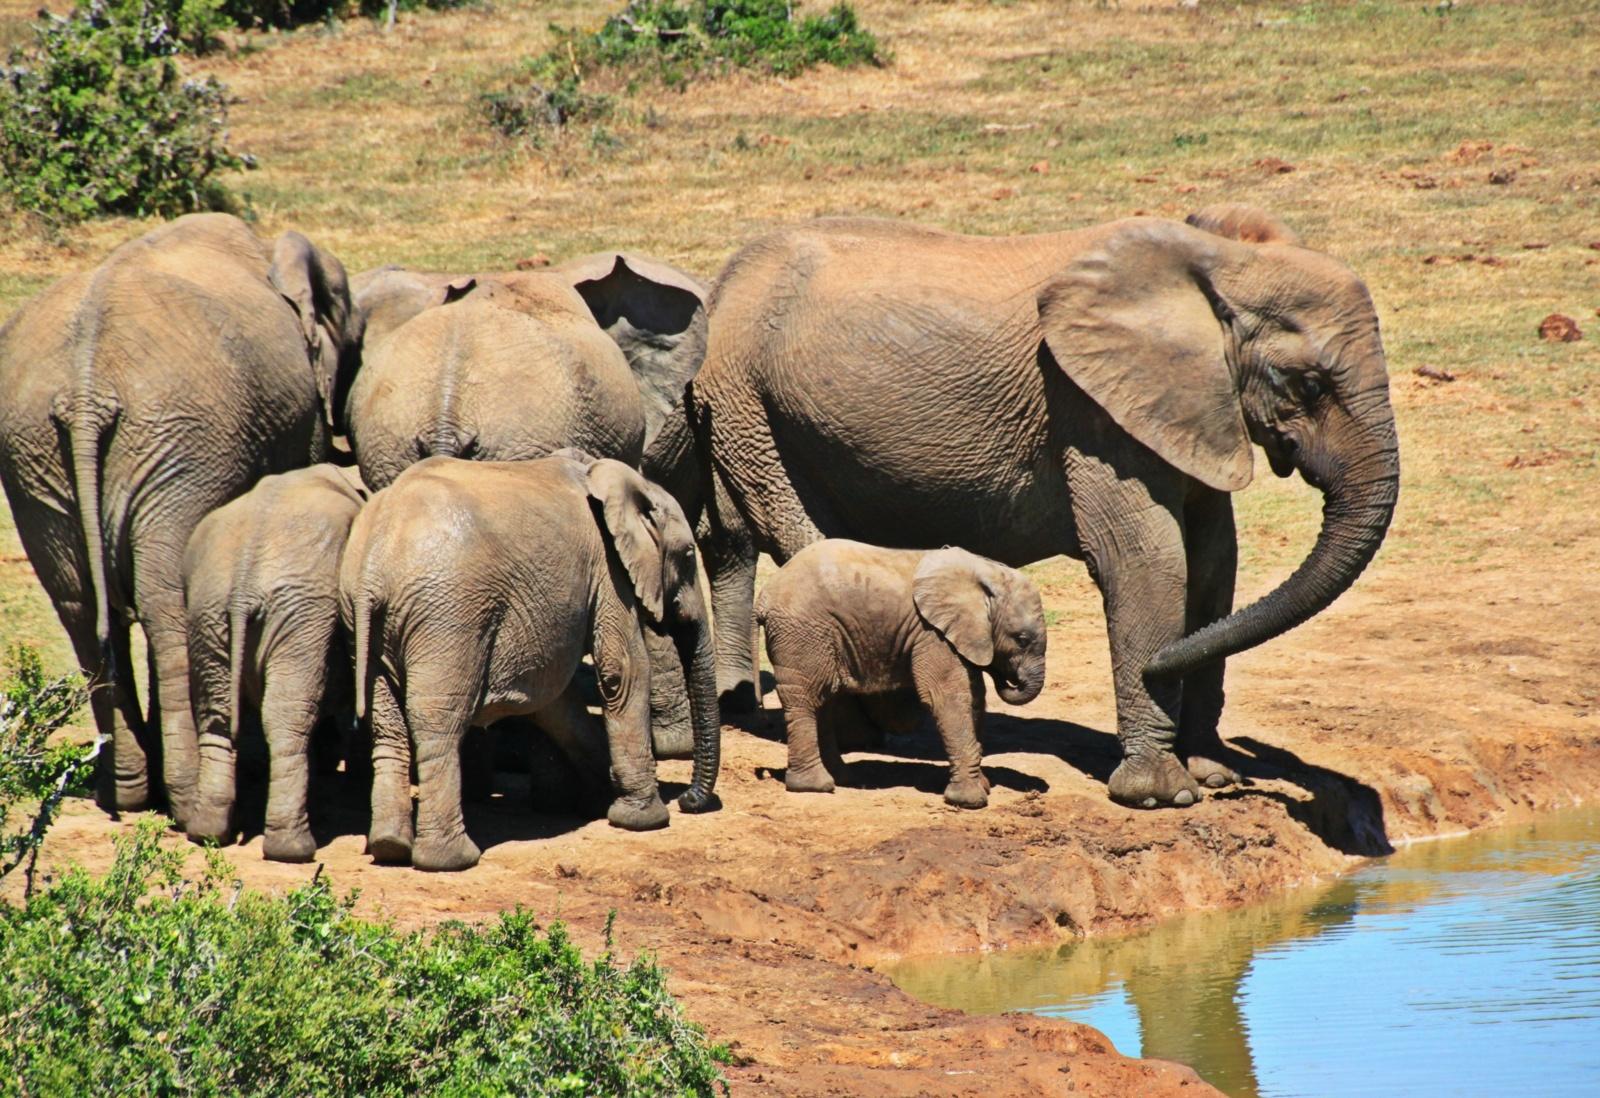 Tailando nacionaliniame parke nuskendo šeši drambliai, kiti du išgelbėti